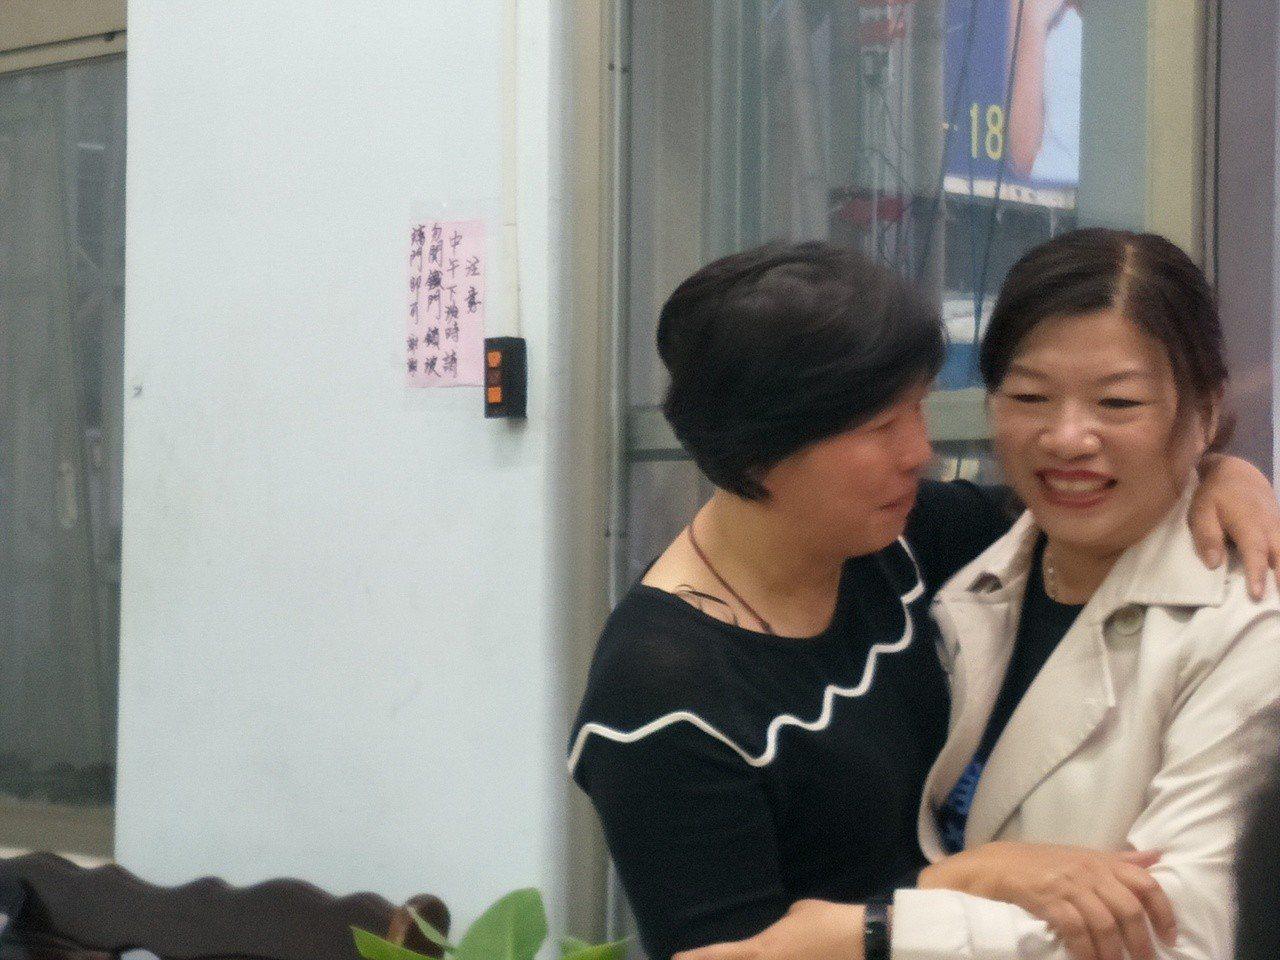 台南市議員方一峰妻子李麗琴(左)給謝龍介妻子李佳芬熱情擁抱、打氣。記者謝進盛/攝...